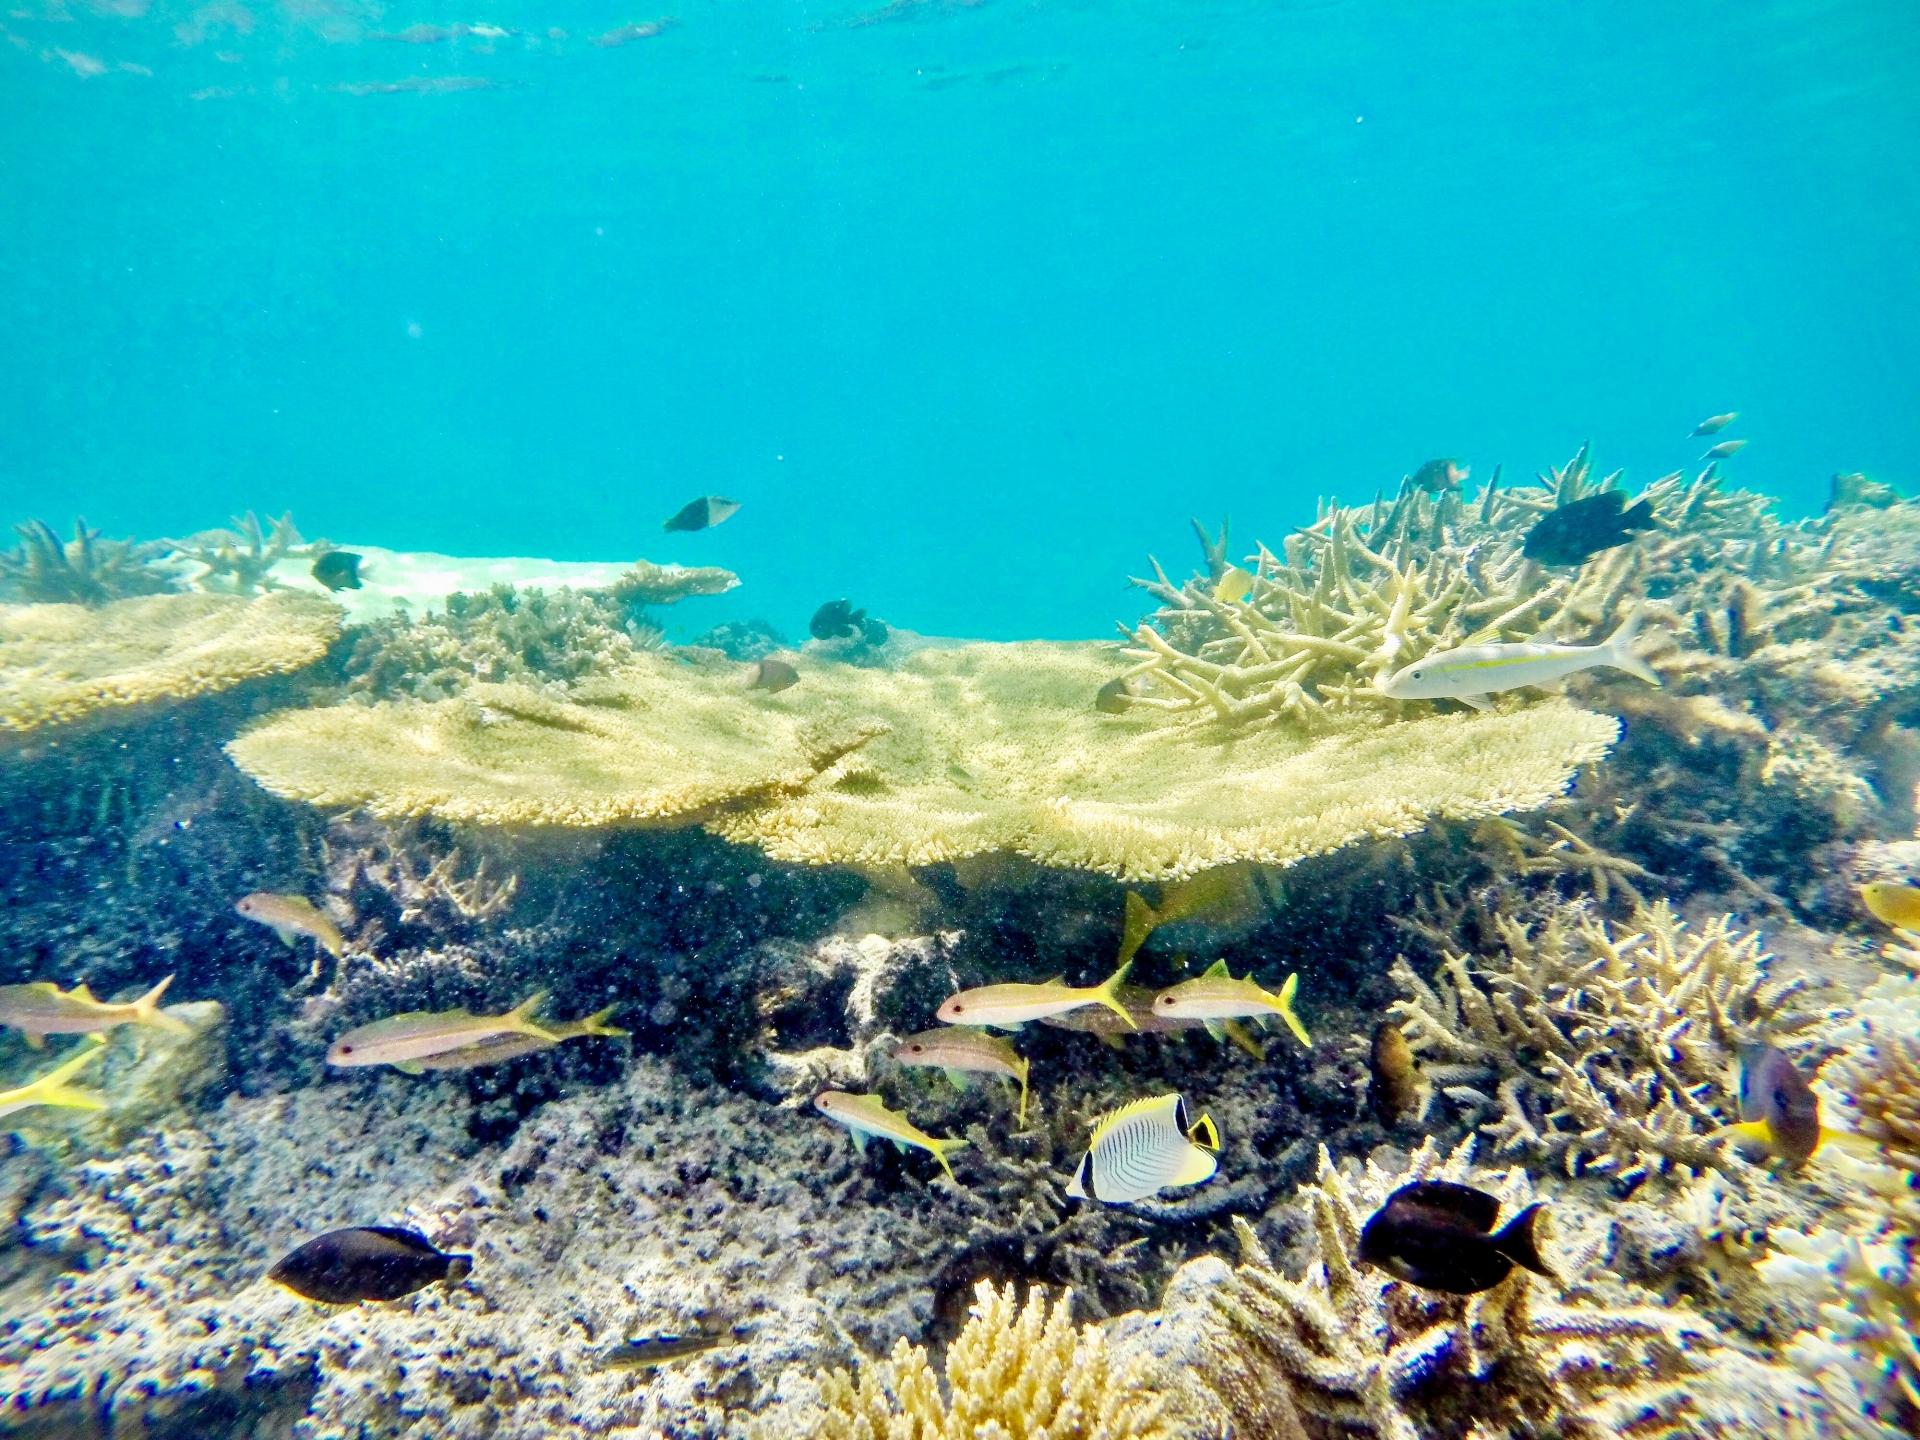 どうしても旅行期間中に熱帯魚への餌やりを行いたい方向けの秘策